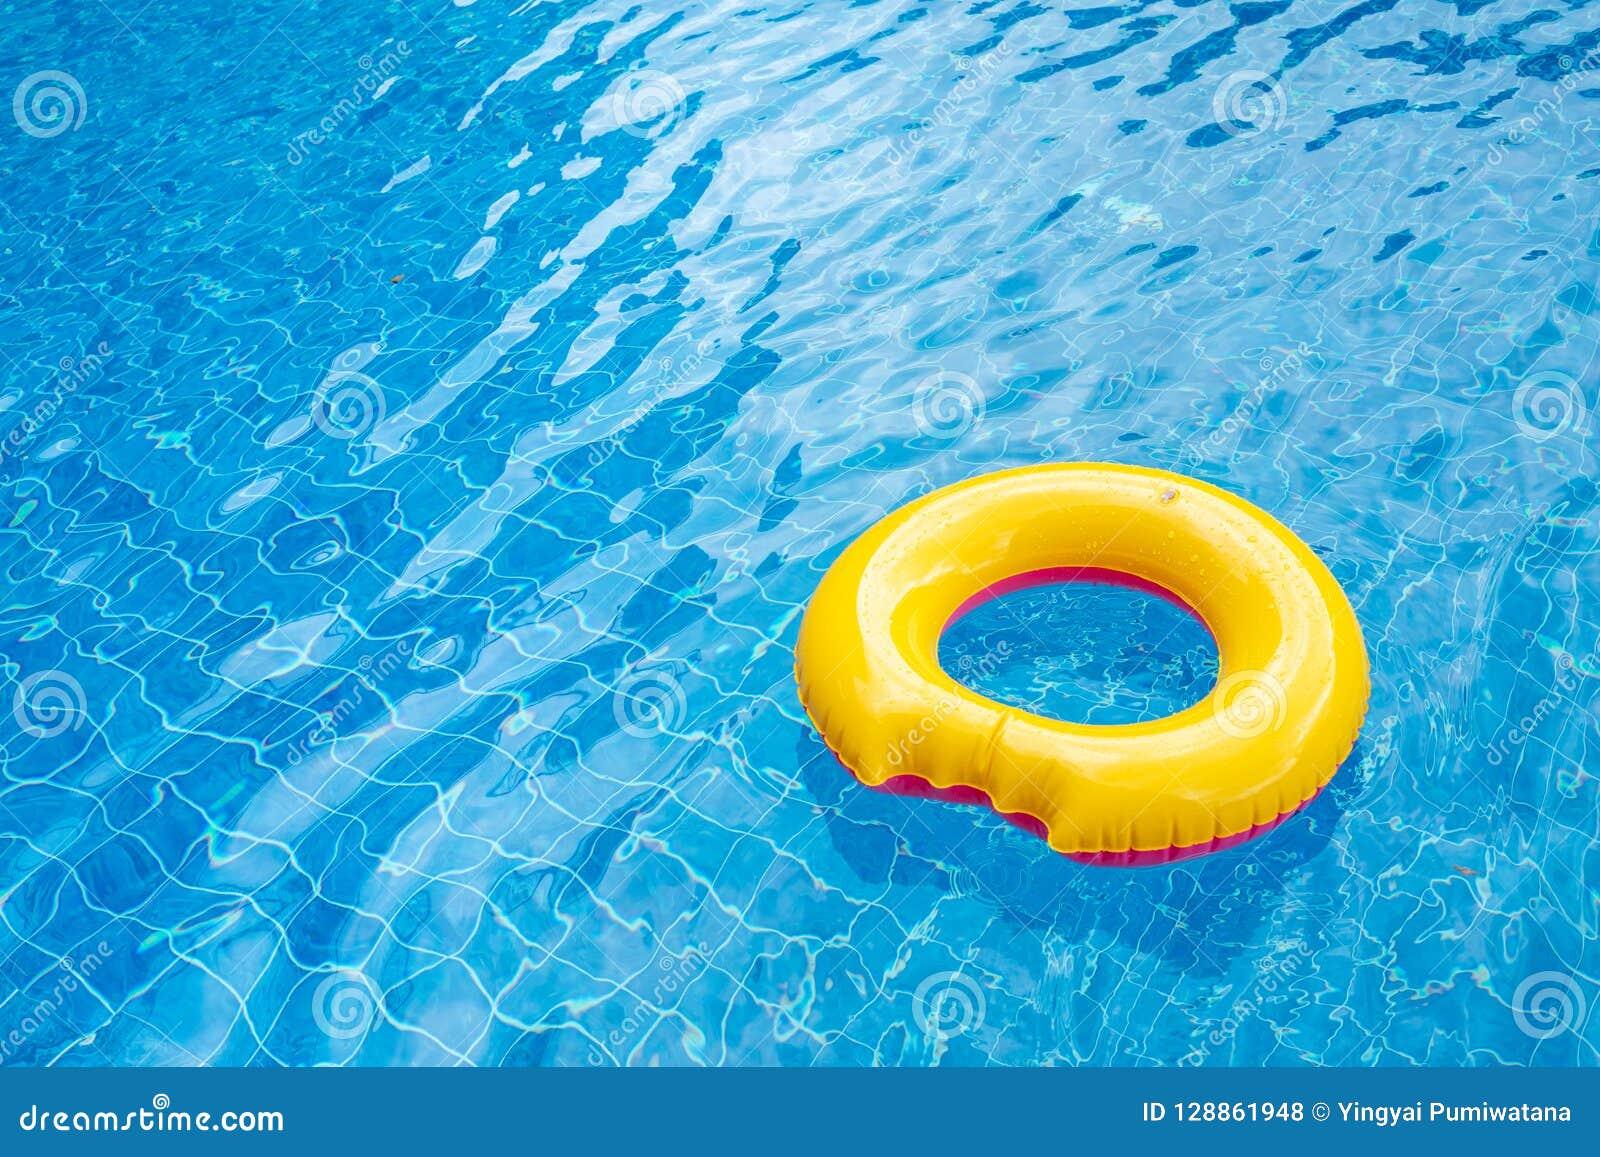 Jour ensoleillé à la piscine Flotteur jaune lumineux dans la piscine bleue,